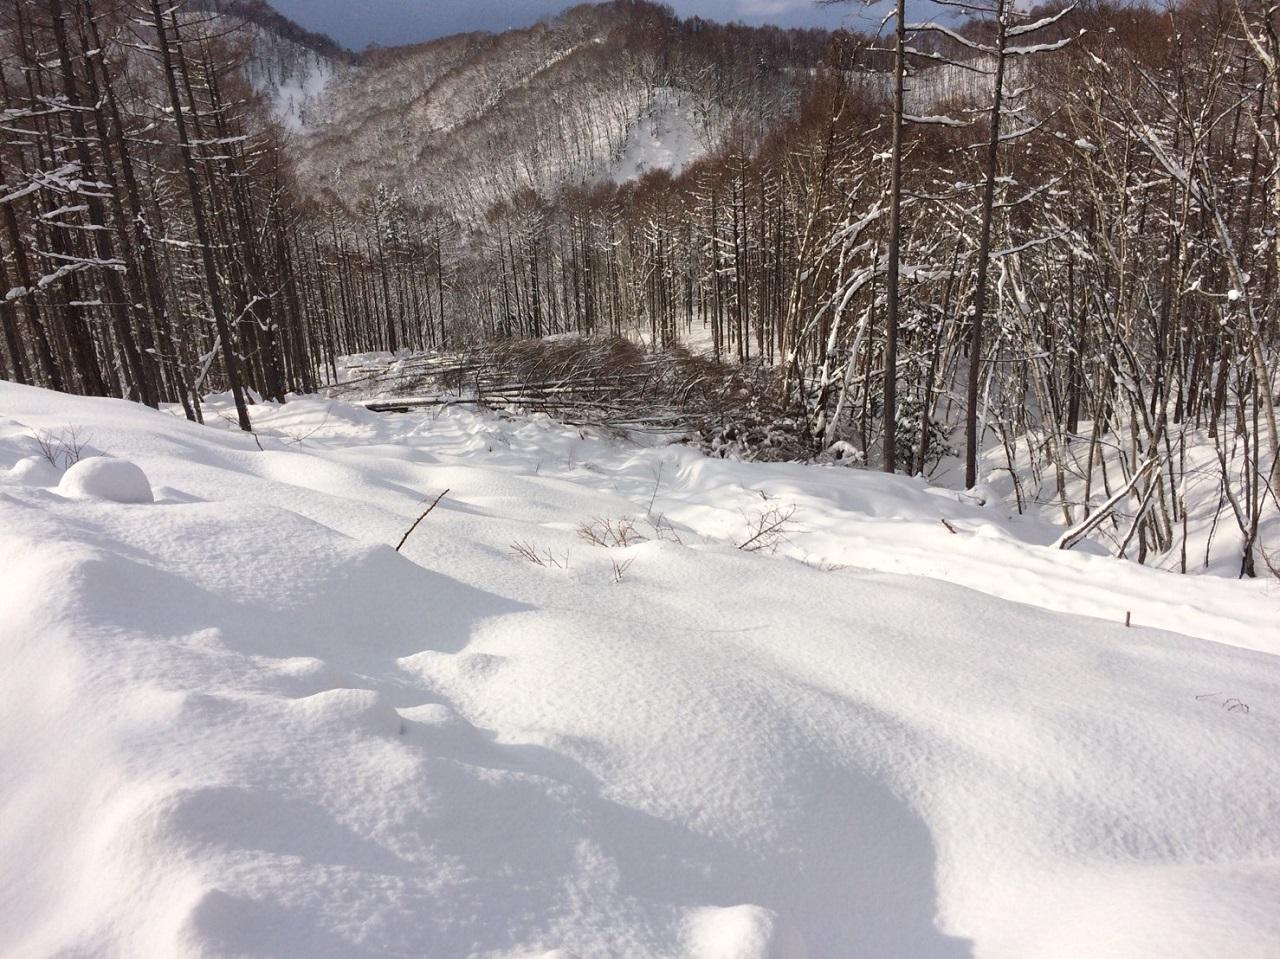 豪雪地帯は除雪が必要で林道も痛みが激しいです。